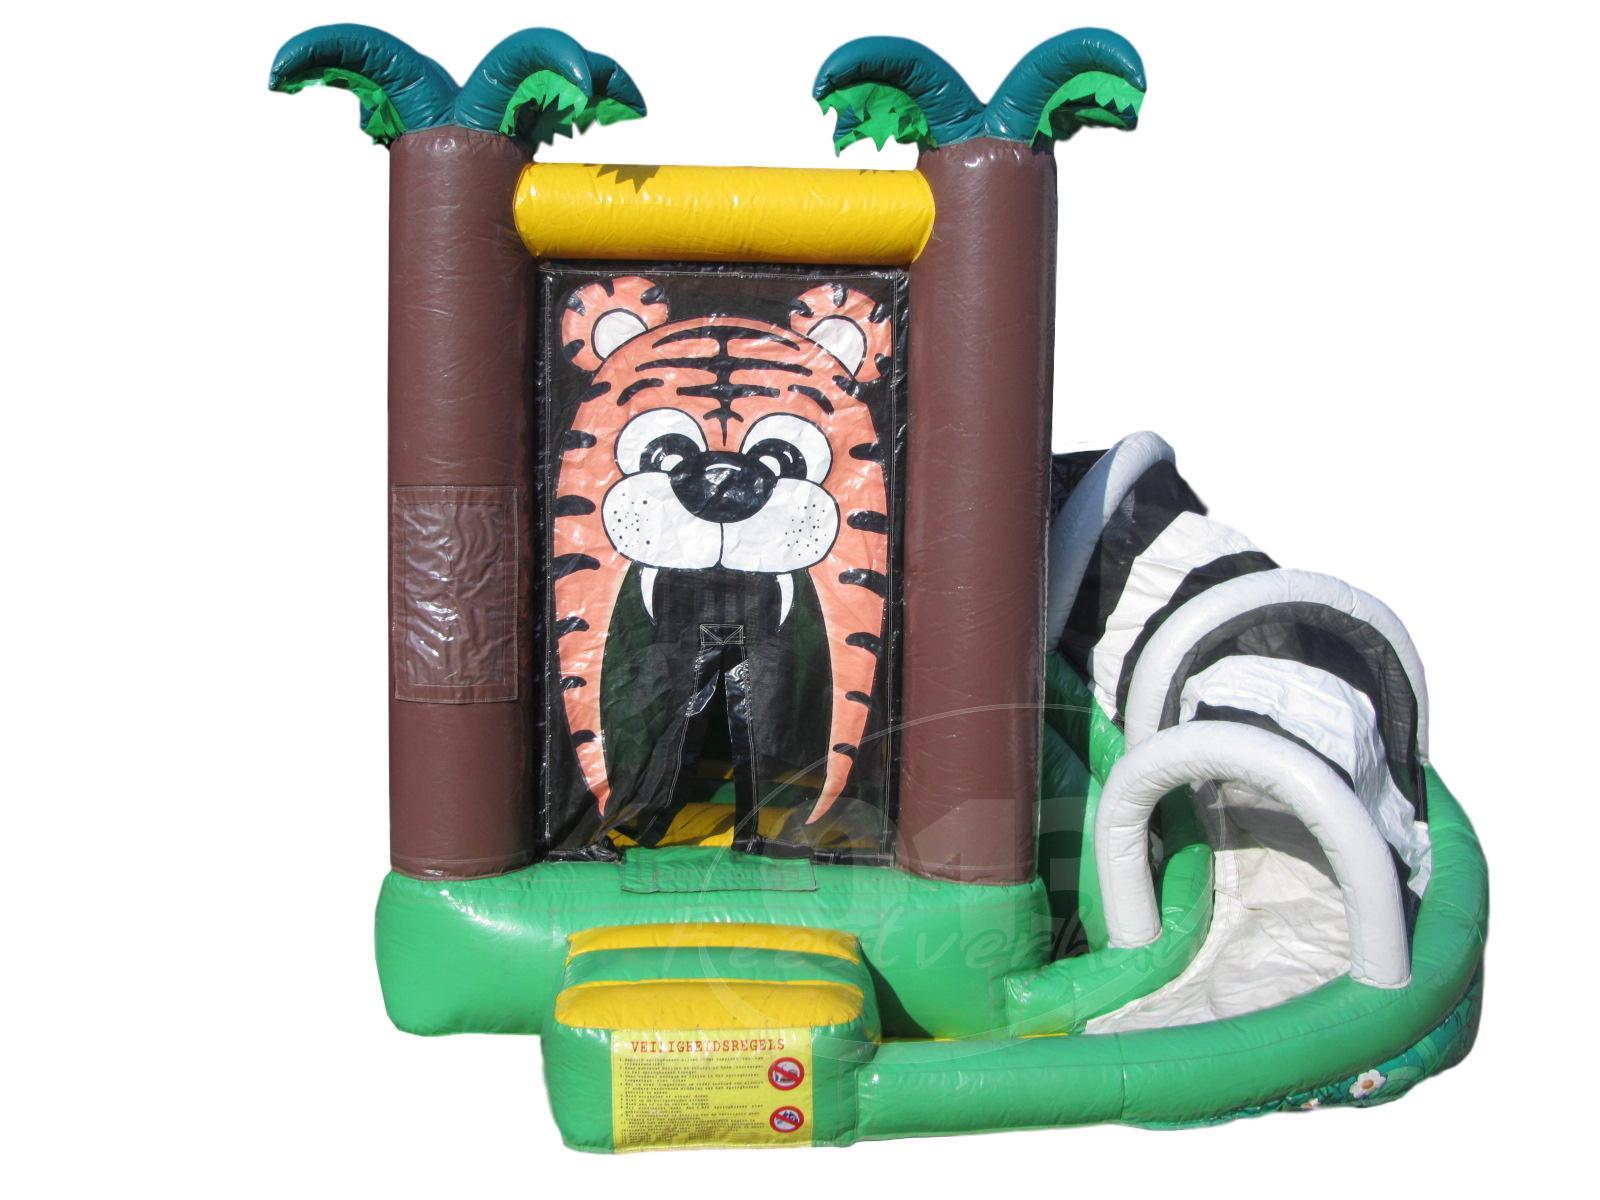 springkussen mini-slide huren